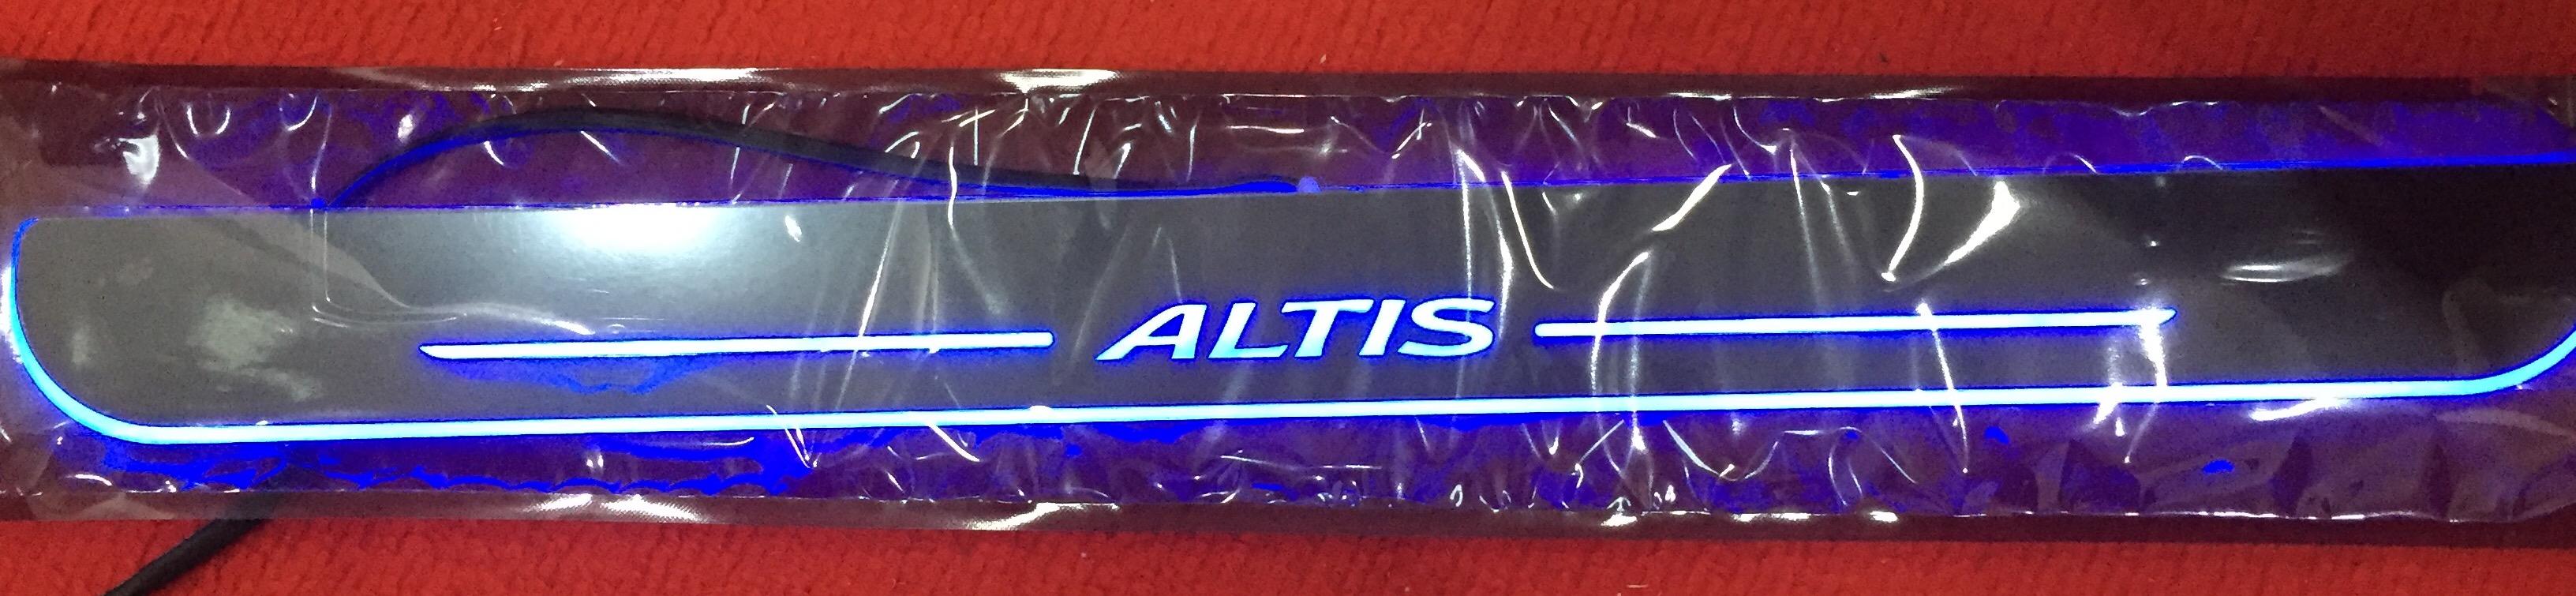 LED sill scuff plate- Altis